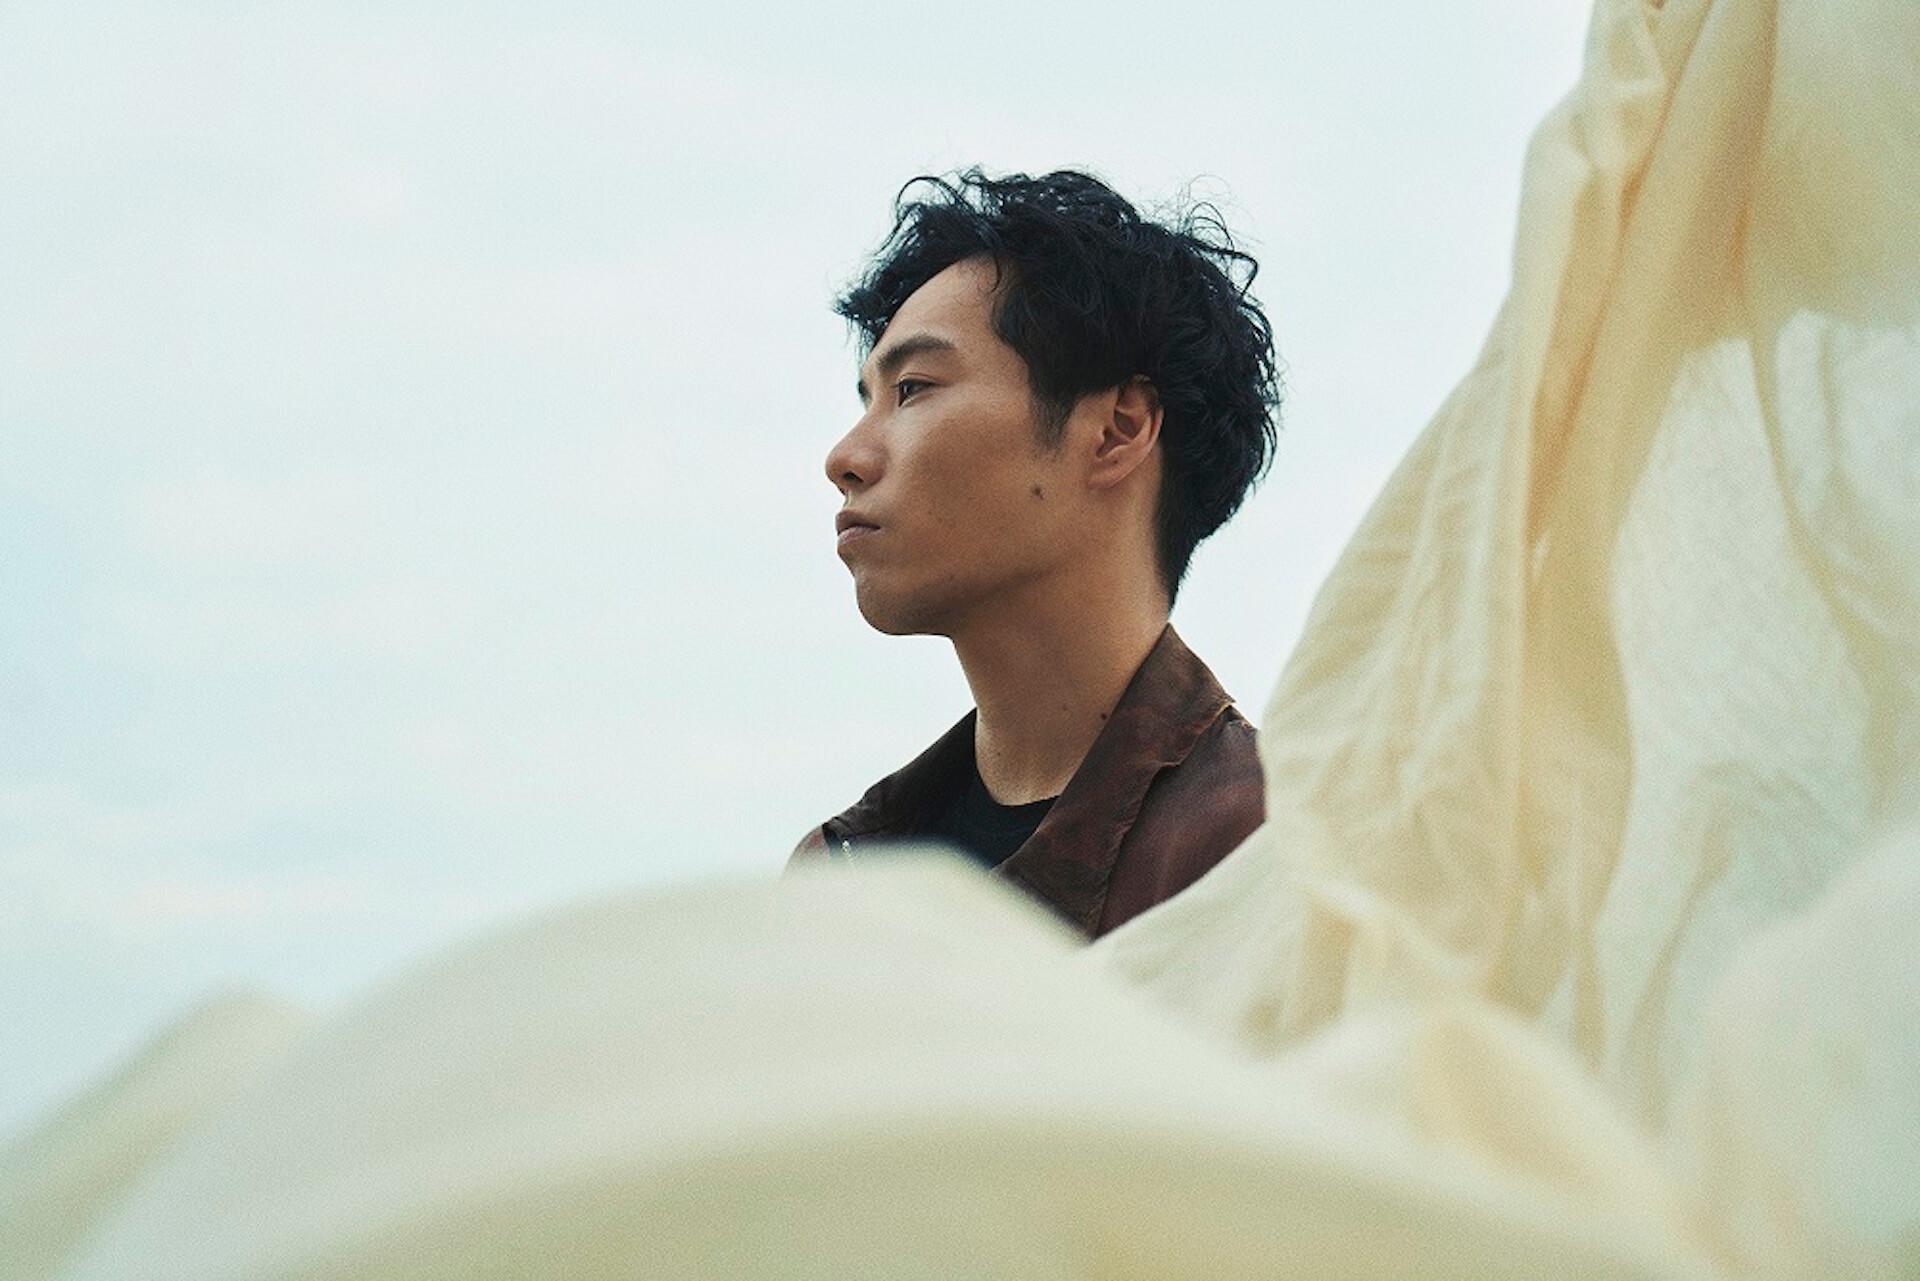 Ryohuの1st Album『DEBUT』リリースを記念したポップアップが開催決定!オカモトレイジリミックス曲付属のフーディーが登場 music201119_ryohu_debut_popup_1